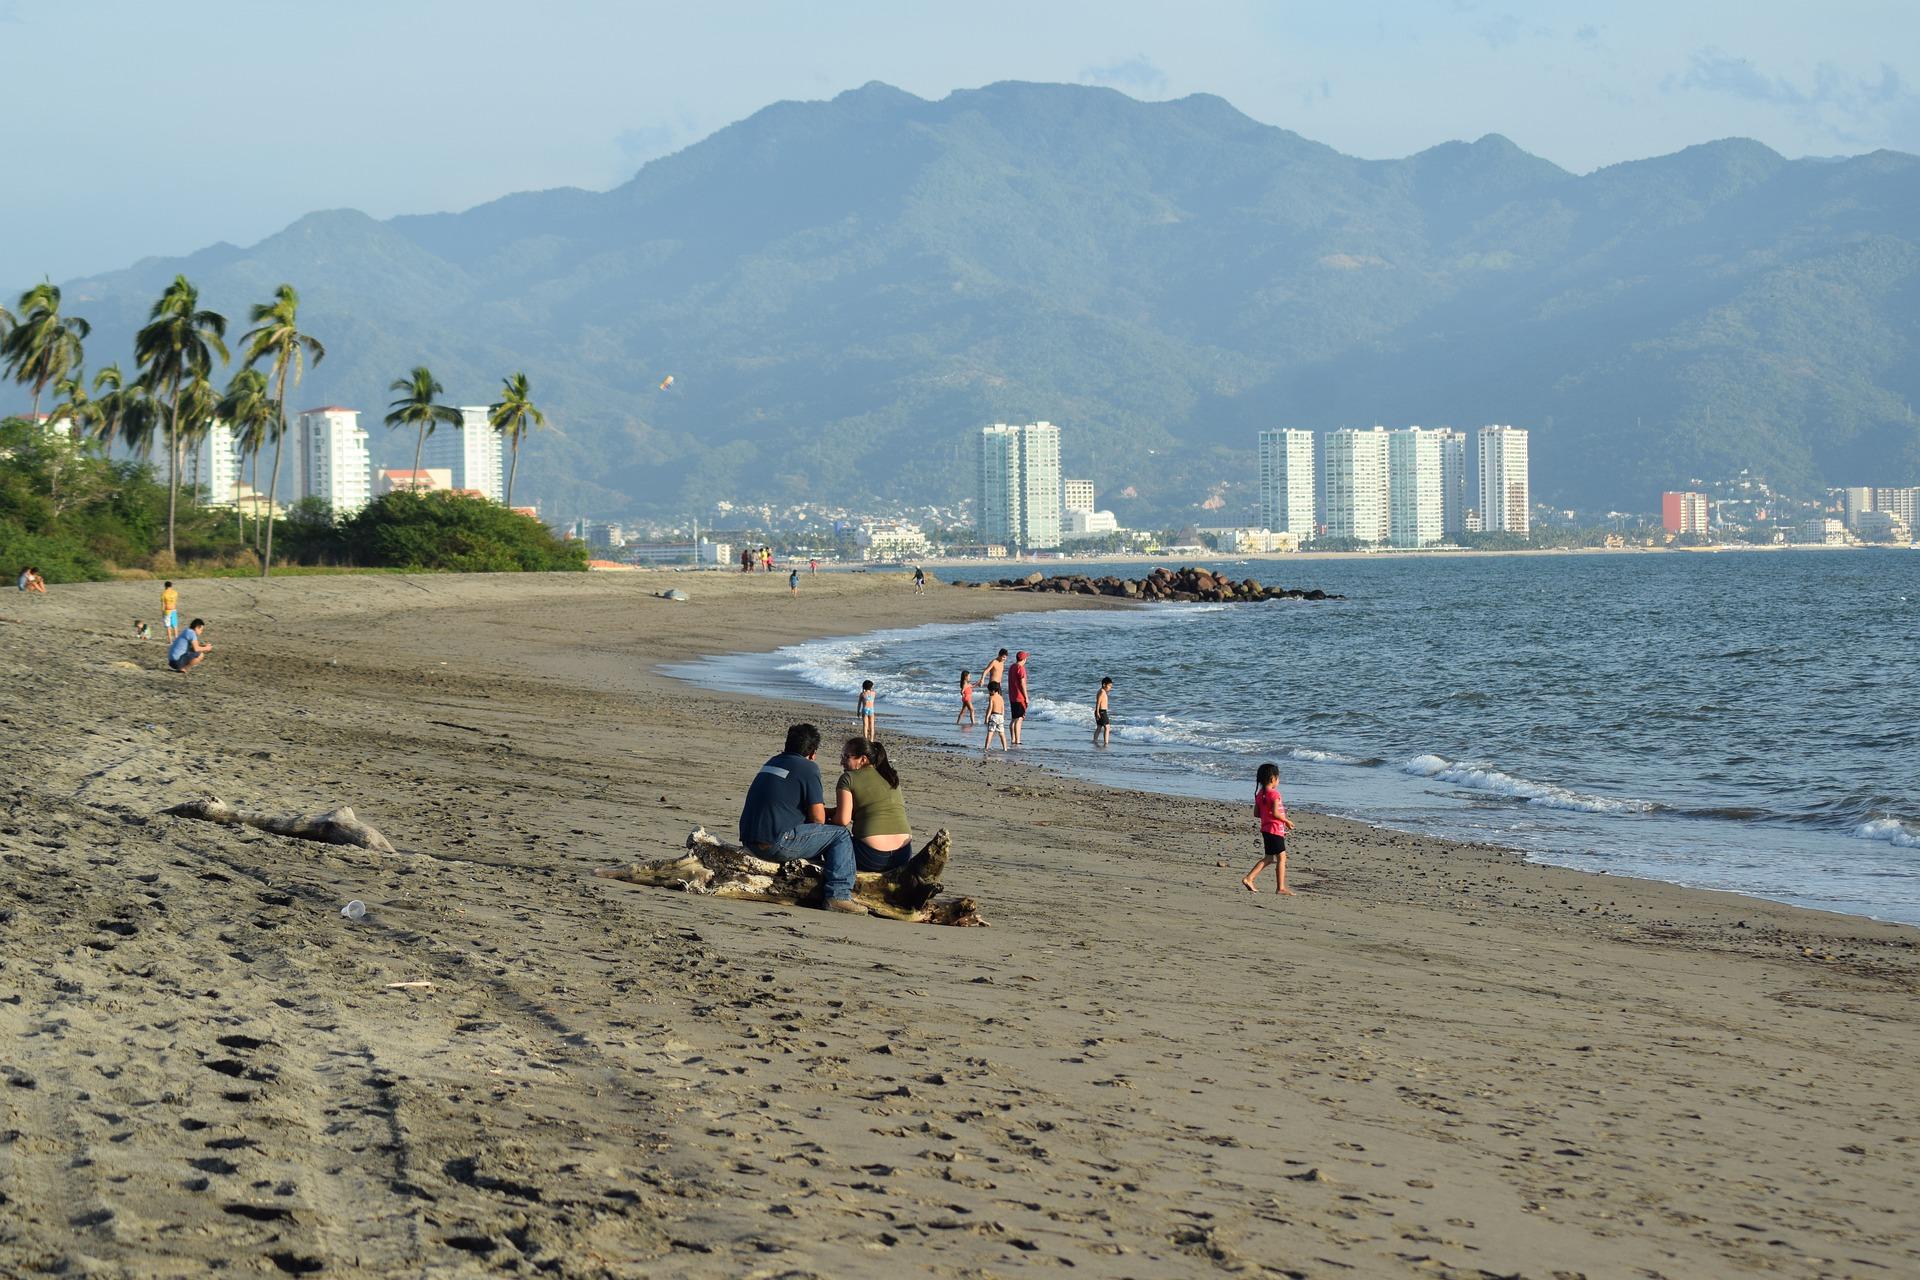 beach-4462246_1920.jpg